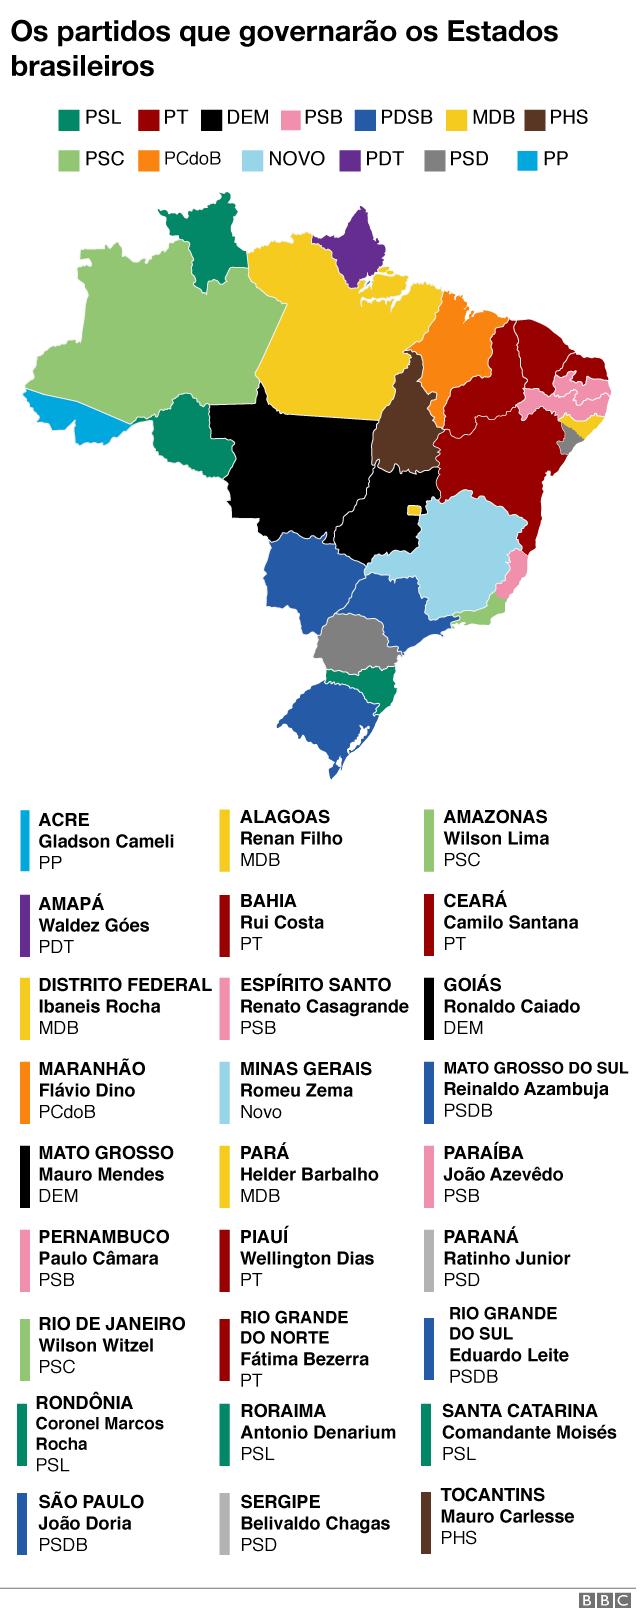 Gráfico com mapa do Brasil e partidos que governarão cada Estado